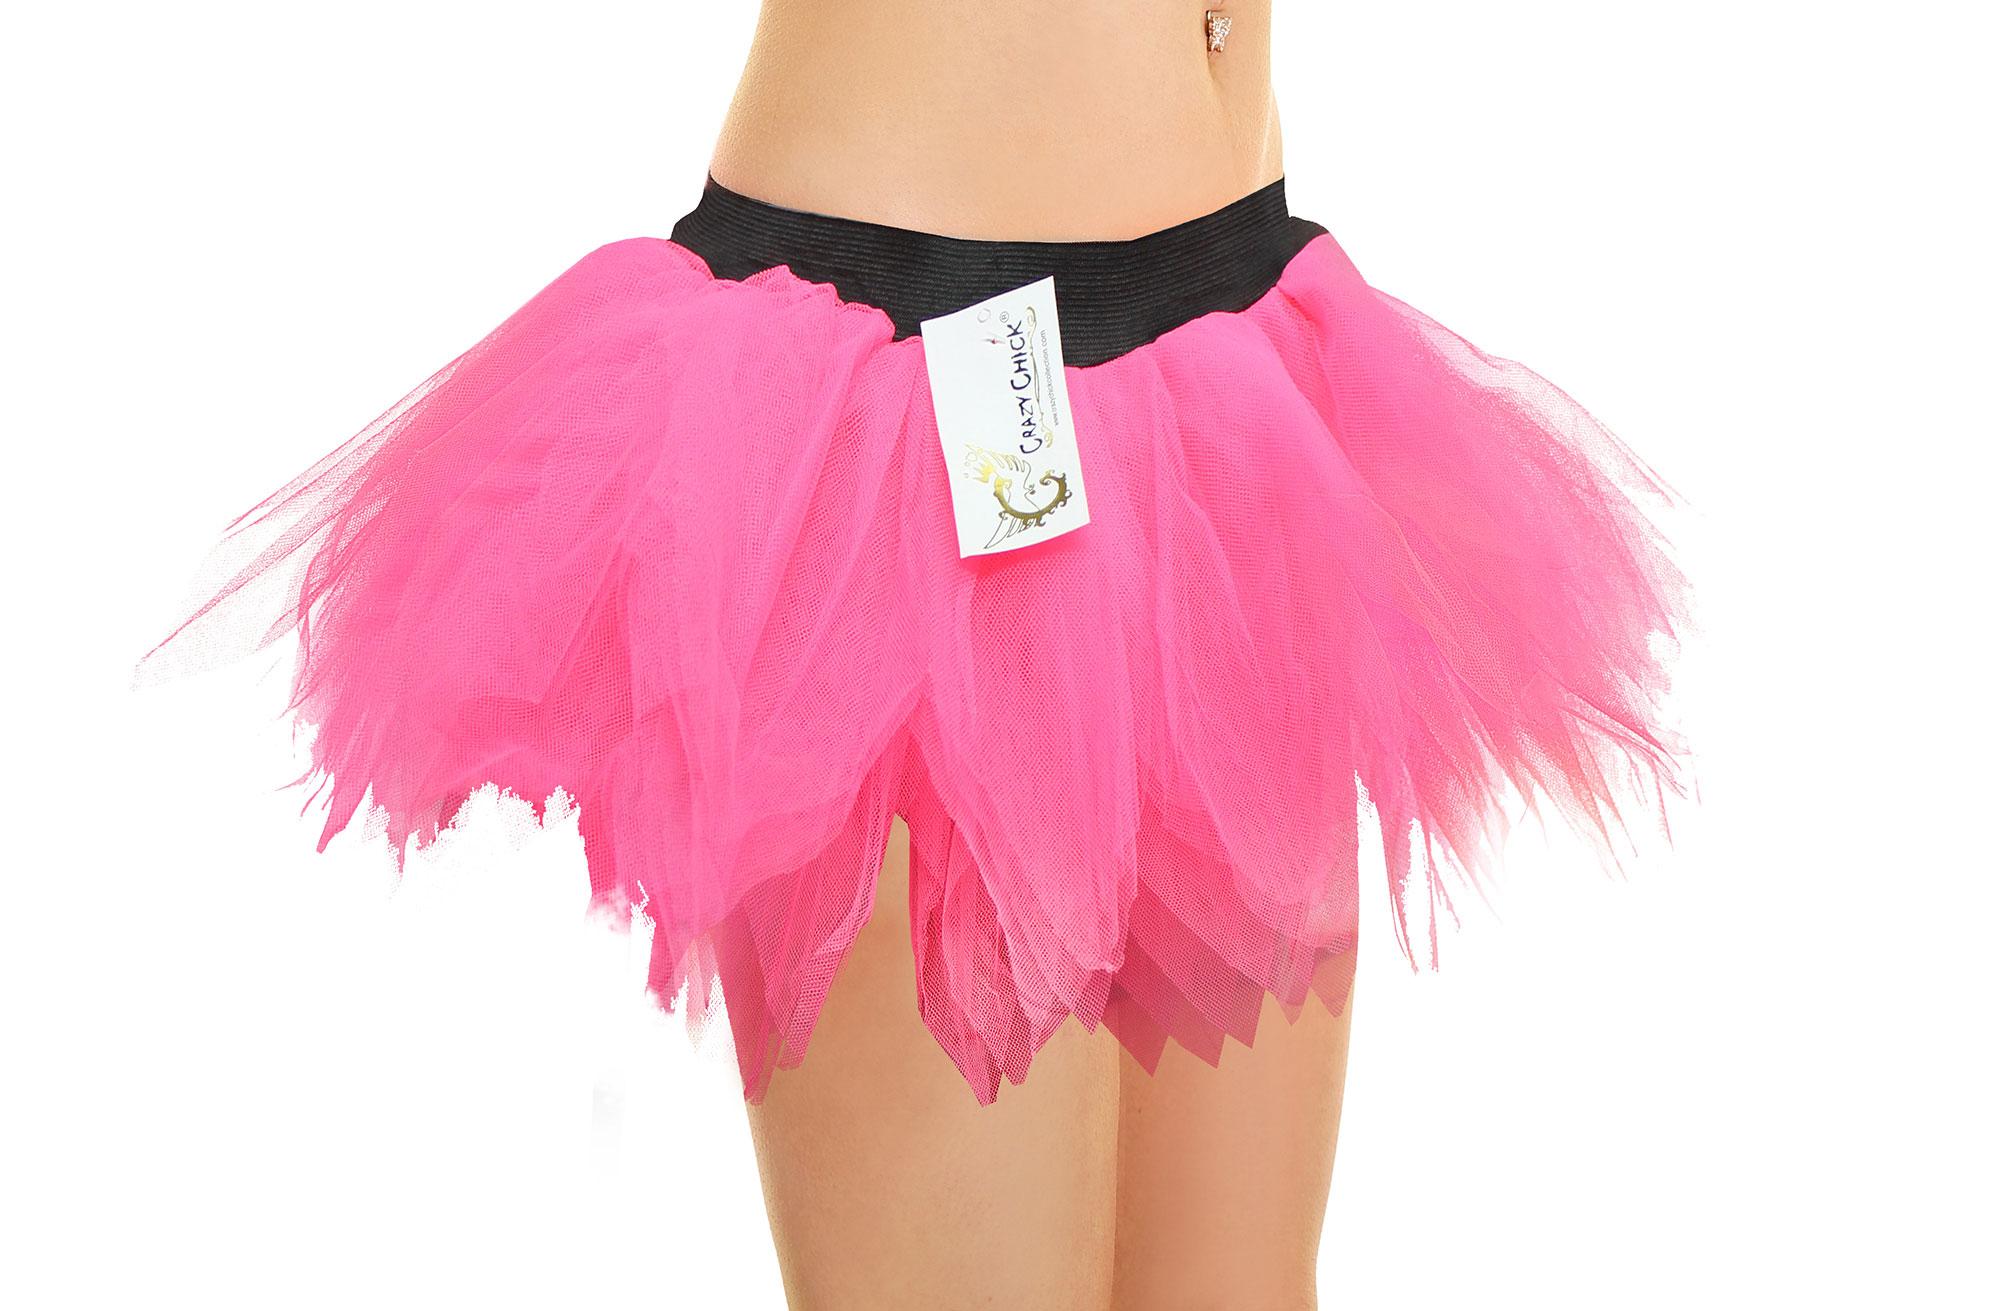 Crazy Chick 6 Layer Pink Petal TuTu Skirt